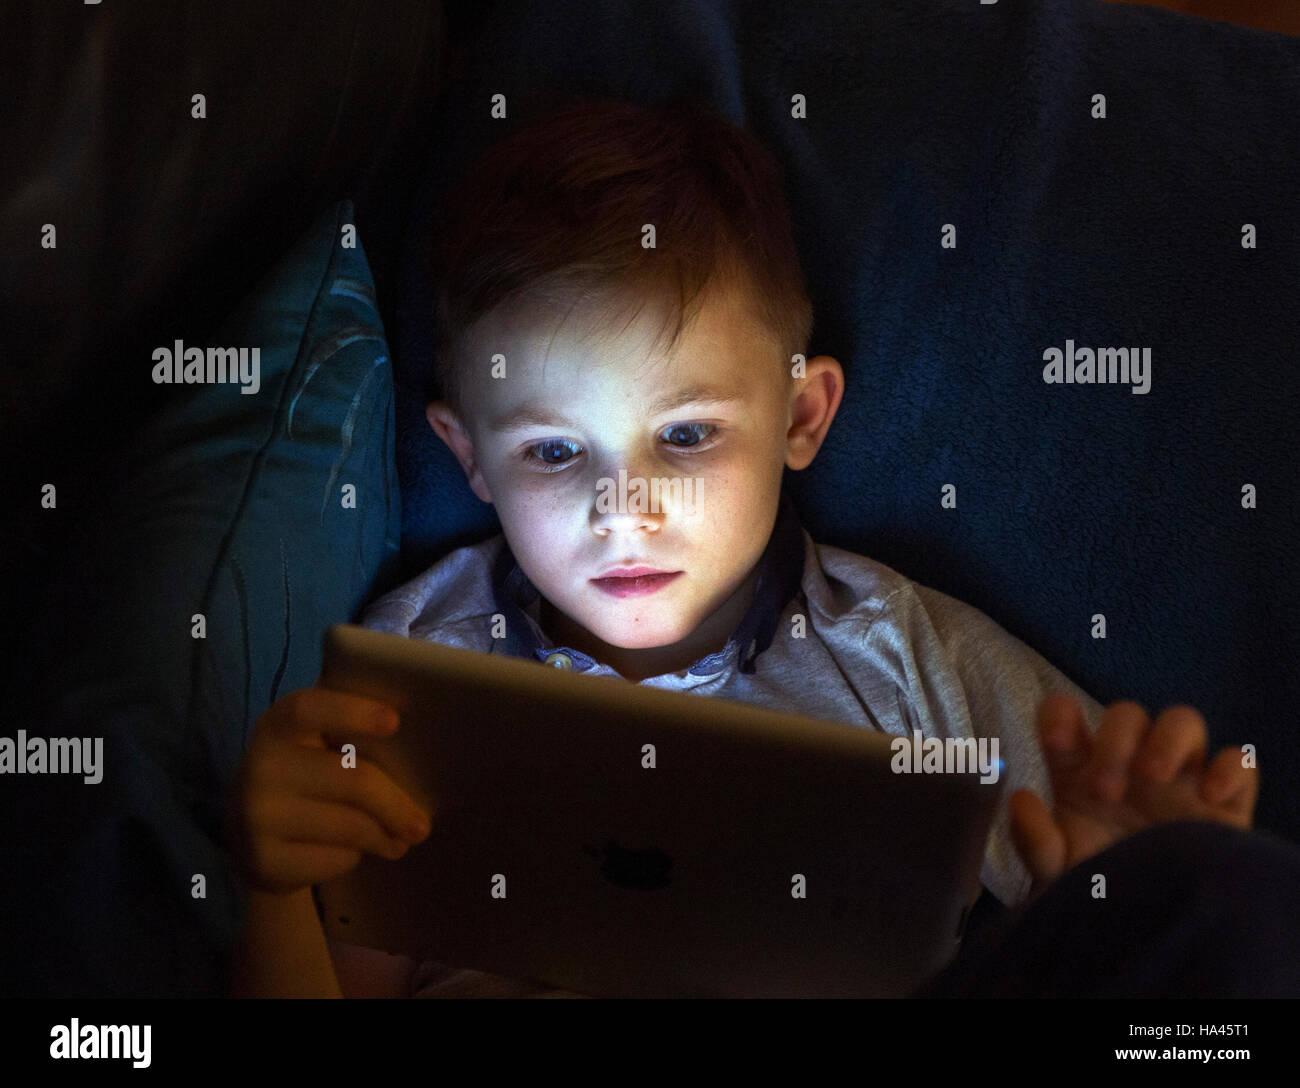 Joven sentada con Apple ipad para acceder a Internet mediante tecnología inalámbrica. Imagen De Stock